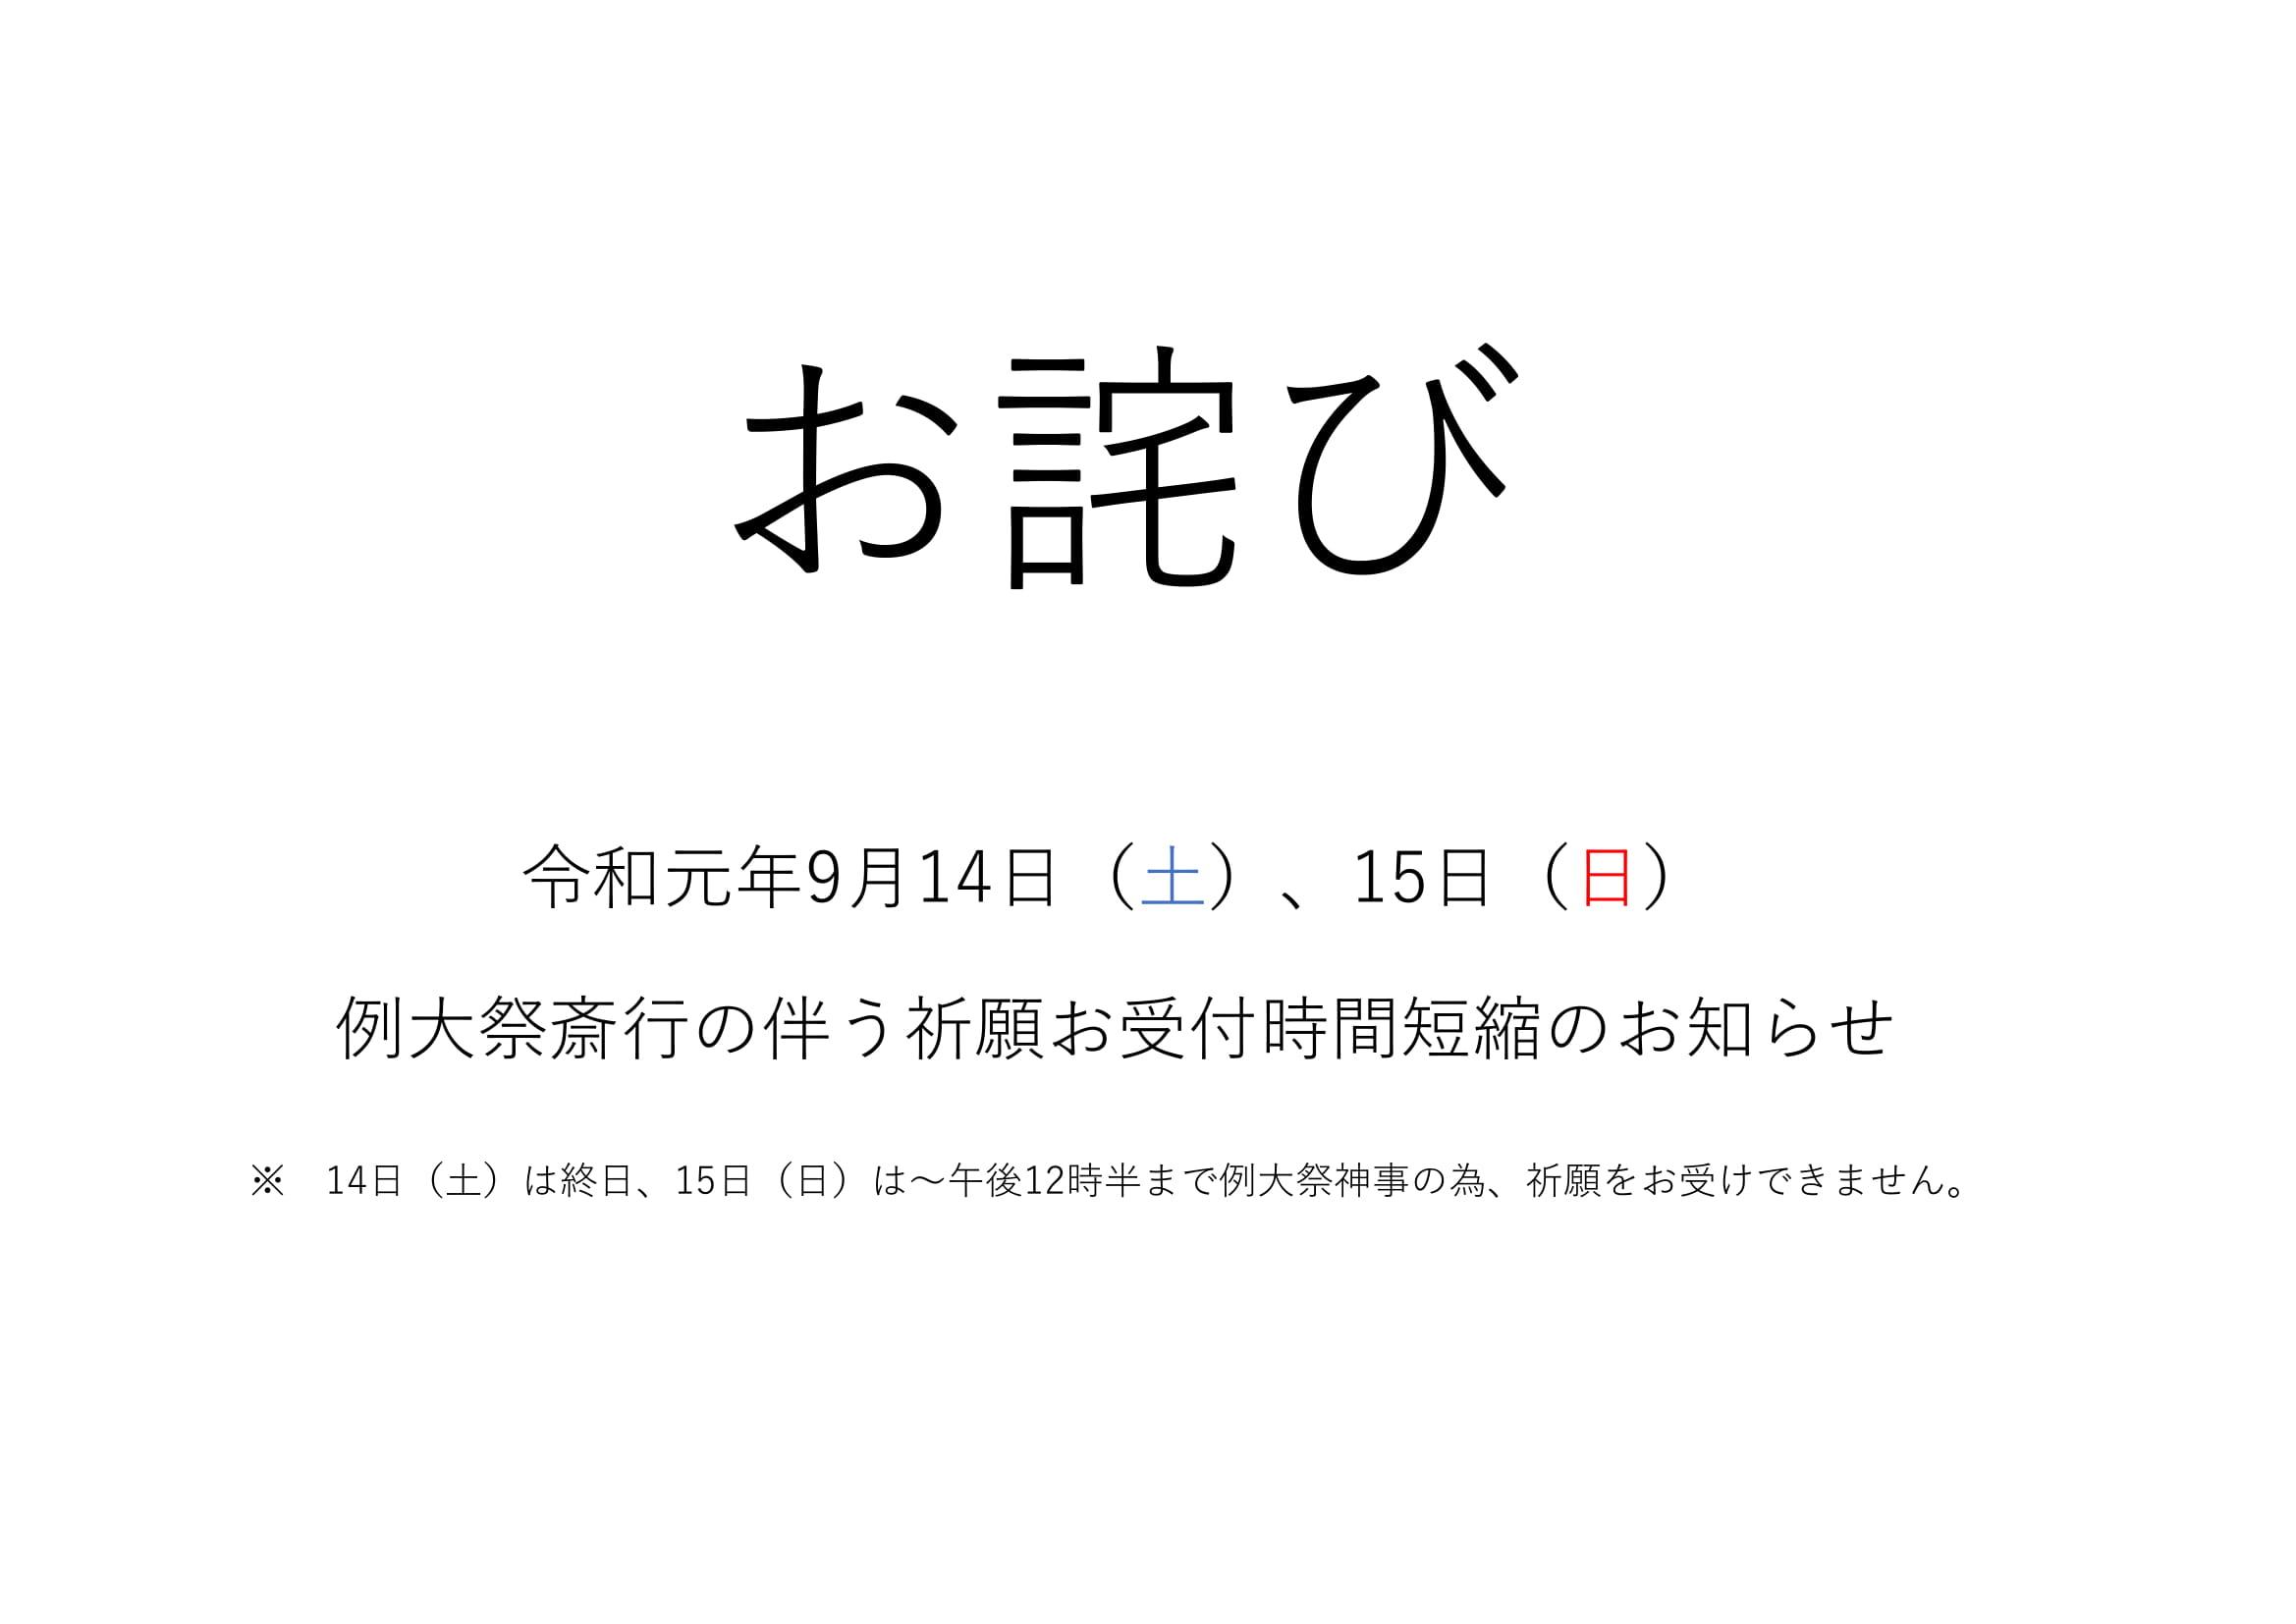 令和元年9月14日,15日例大祭斎行の伴う祈願お受付時間短縮のお知らせ